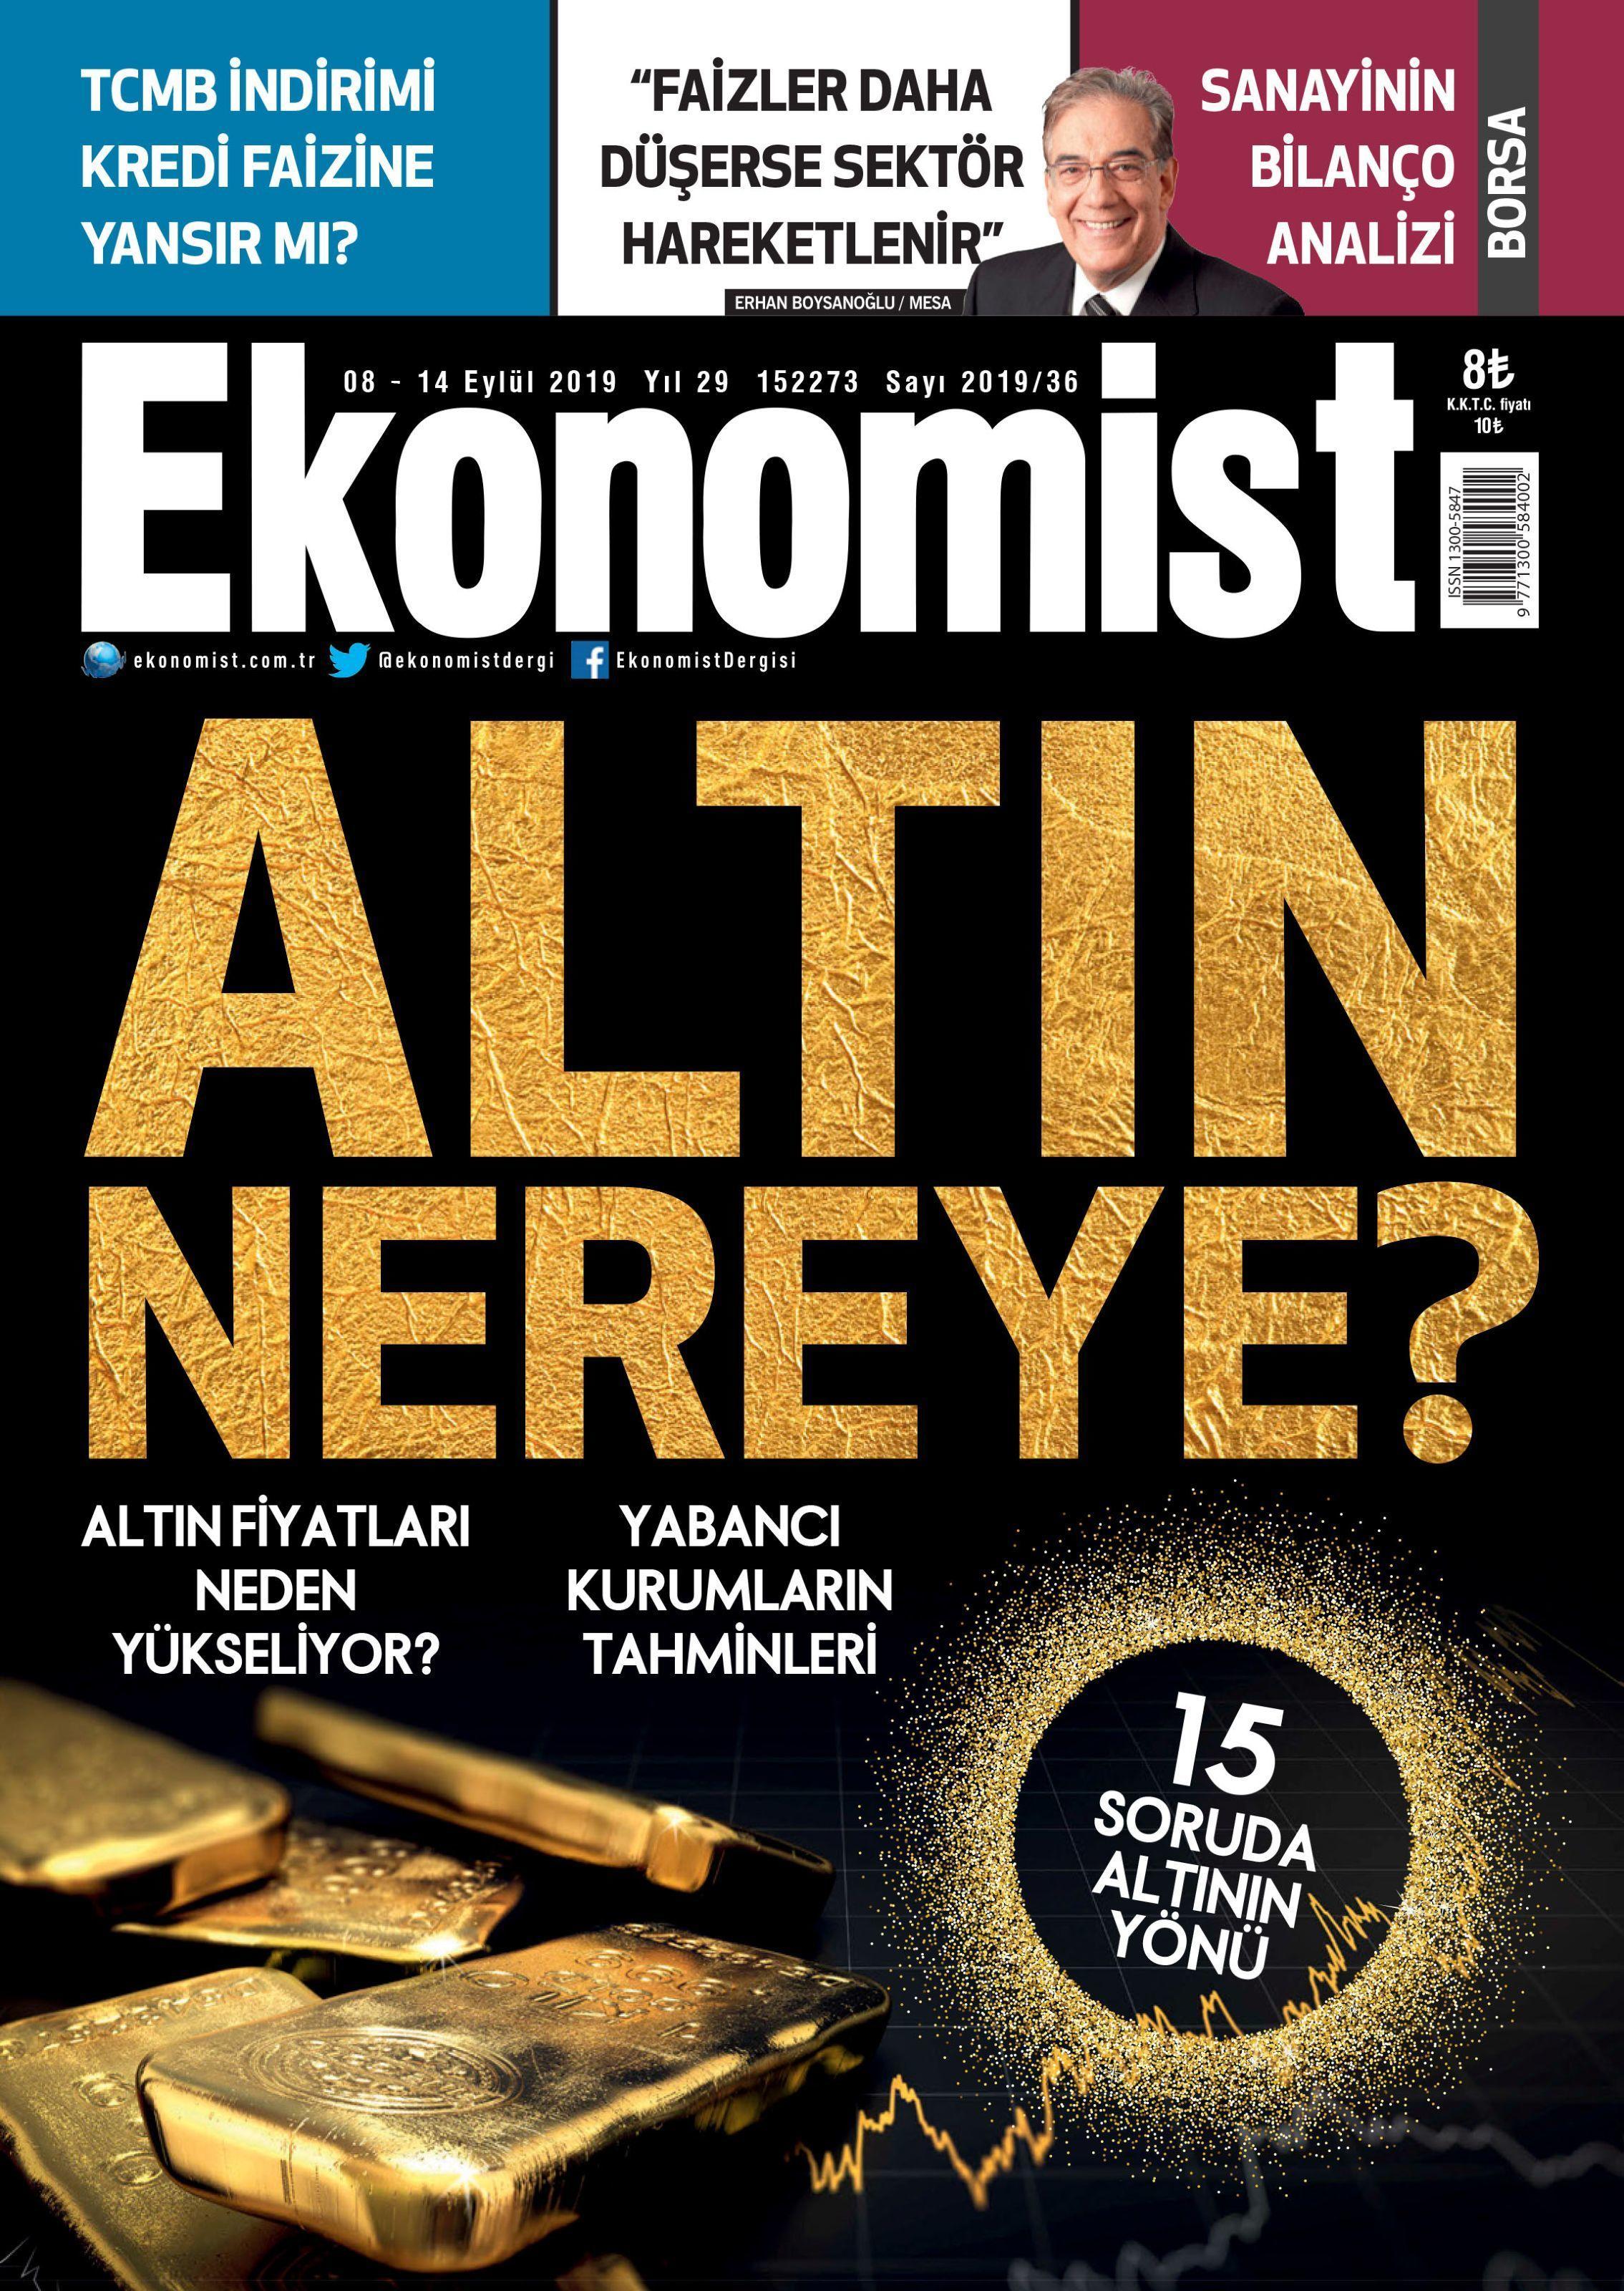 Ekonomist – 07 Eylül 2019